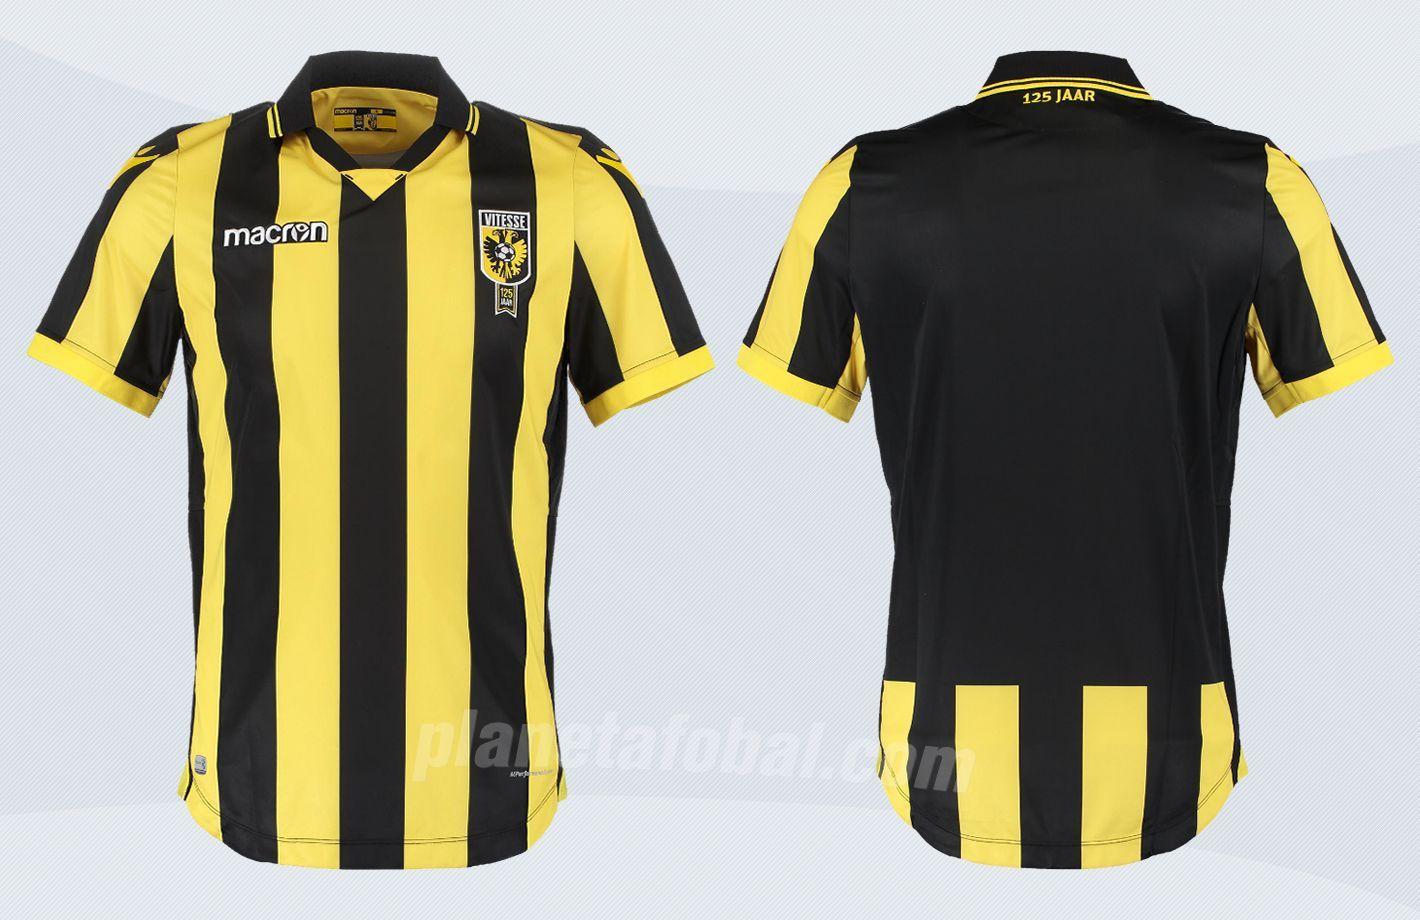 Nueva camiseta titular Macron del Vitesse Arnhem | Imágenes Web Oficial